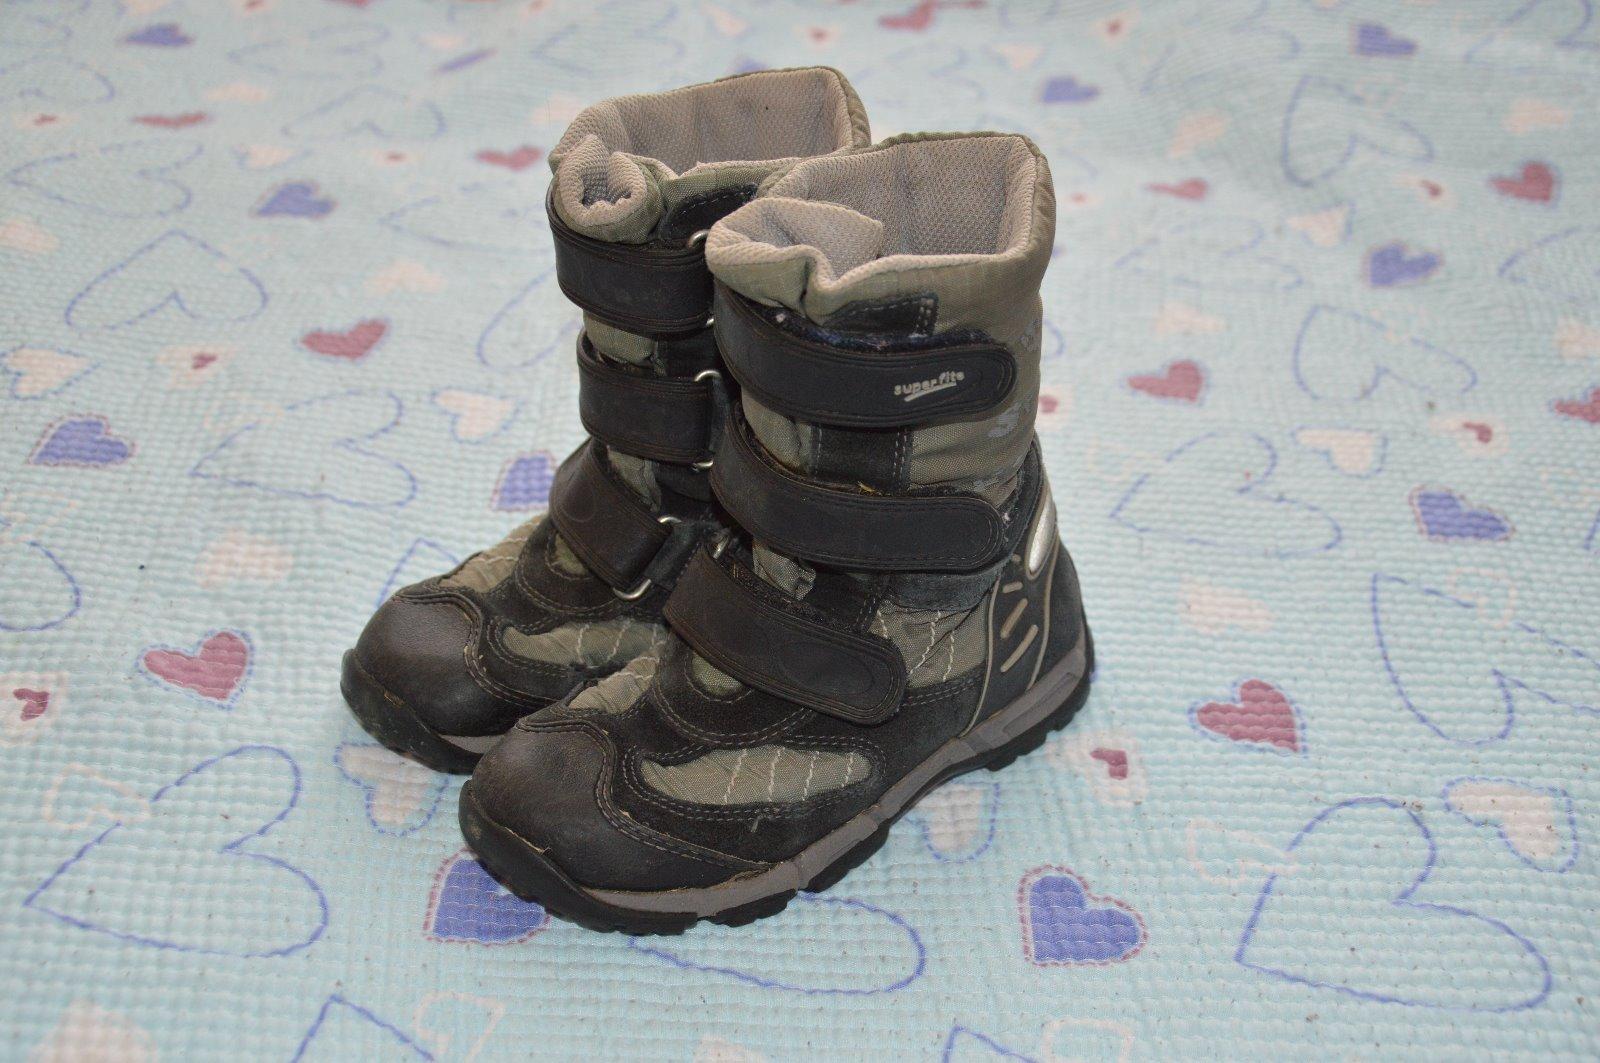 fad141eeac4 Vysoké zimní boty goretex gore tex superfit